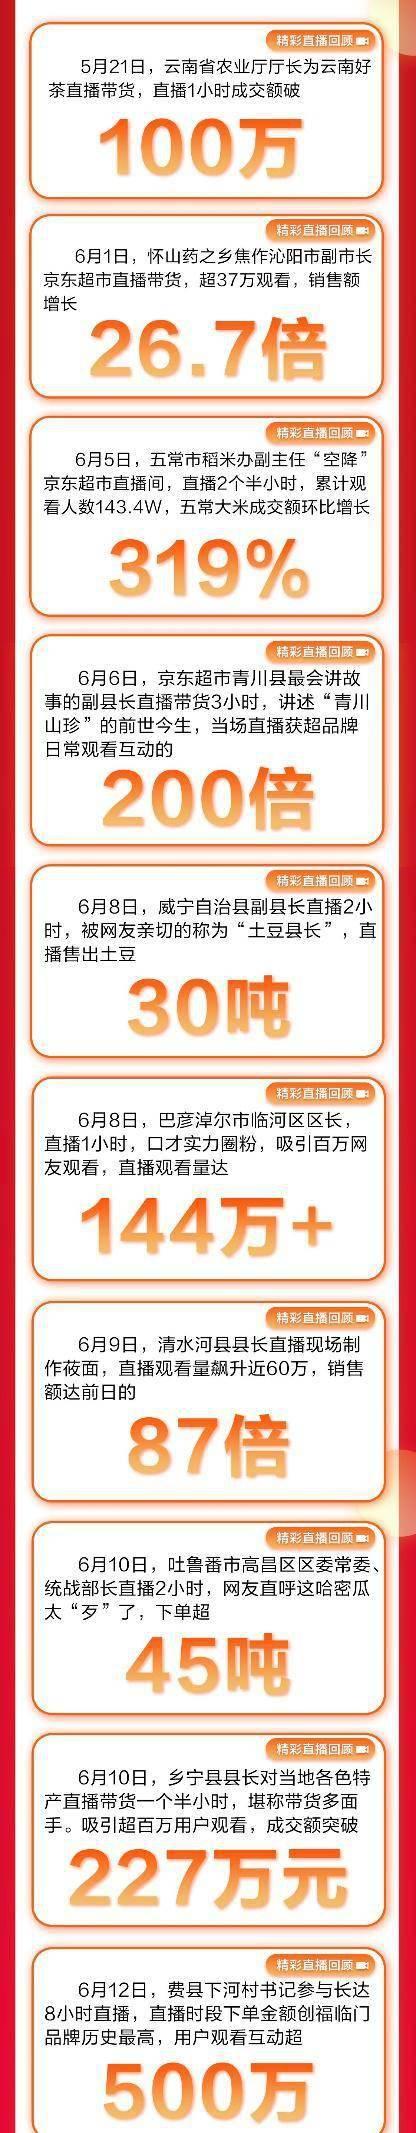 """1.2亿次观看GMV破亿京东超市618""""百大县长直播团""""探索助农新模式"""